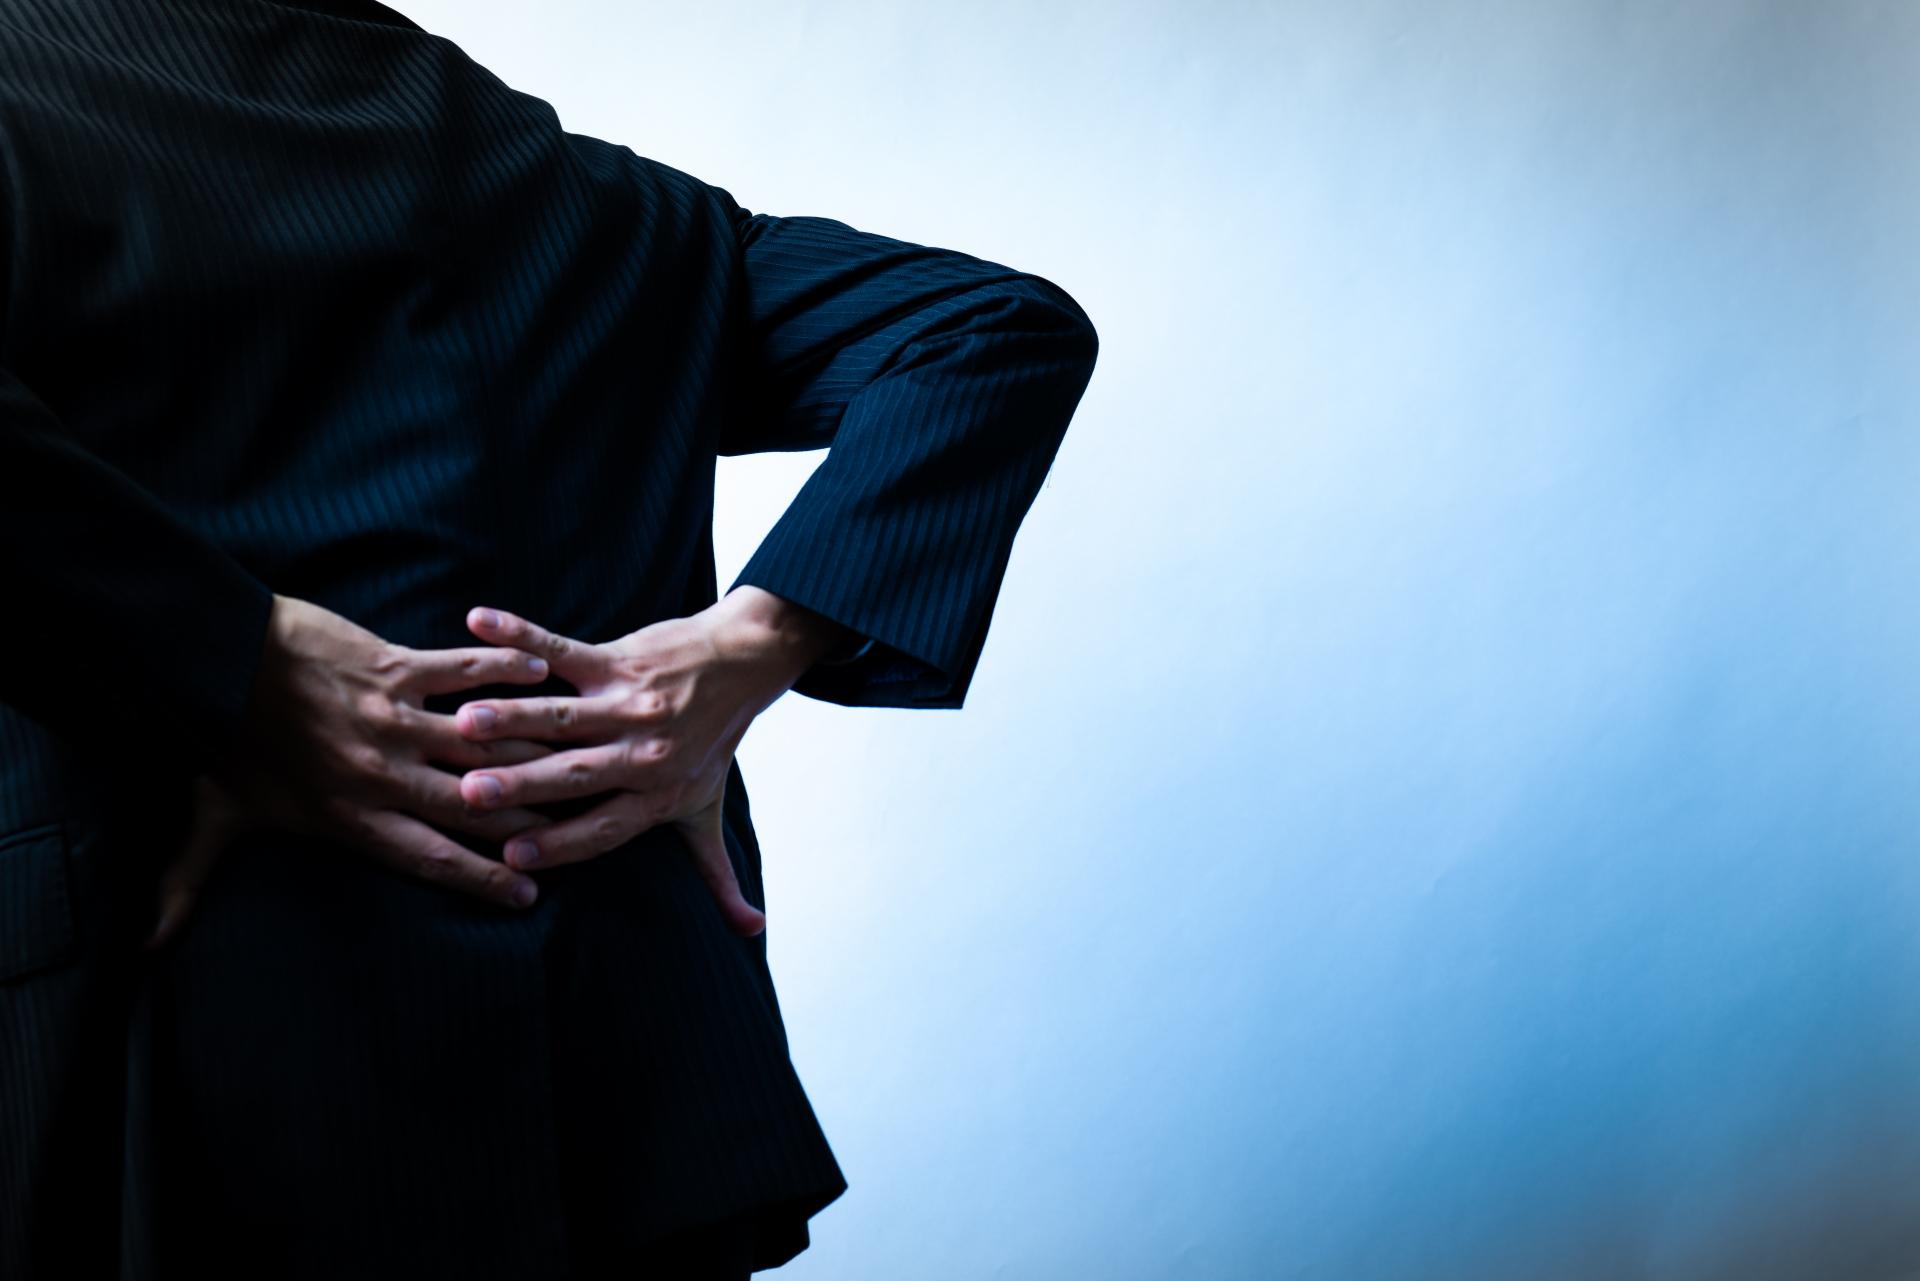 腰痛に即効性のある3つの最強ツボ